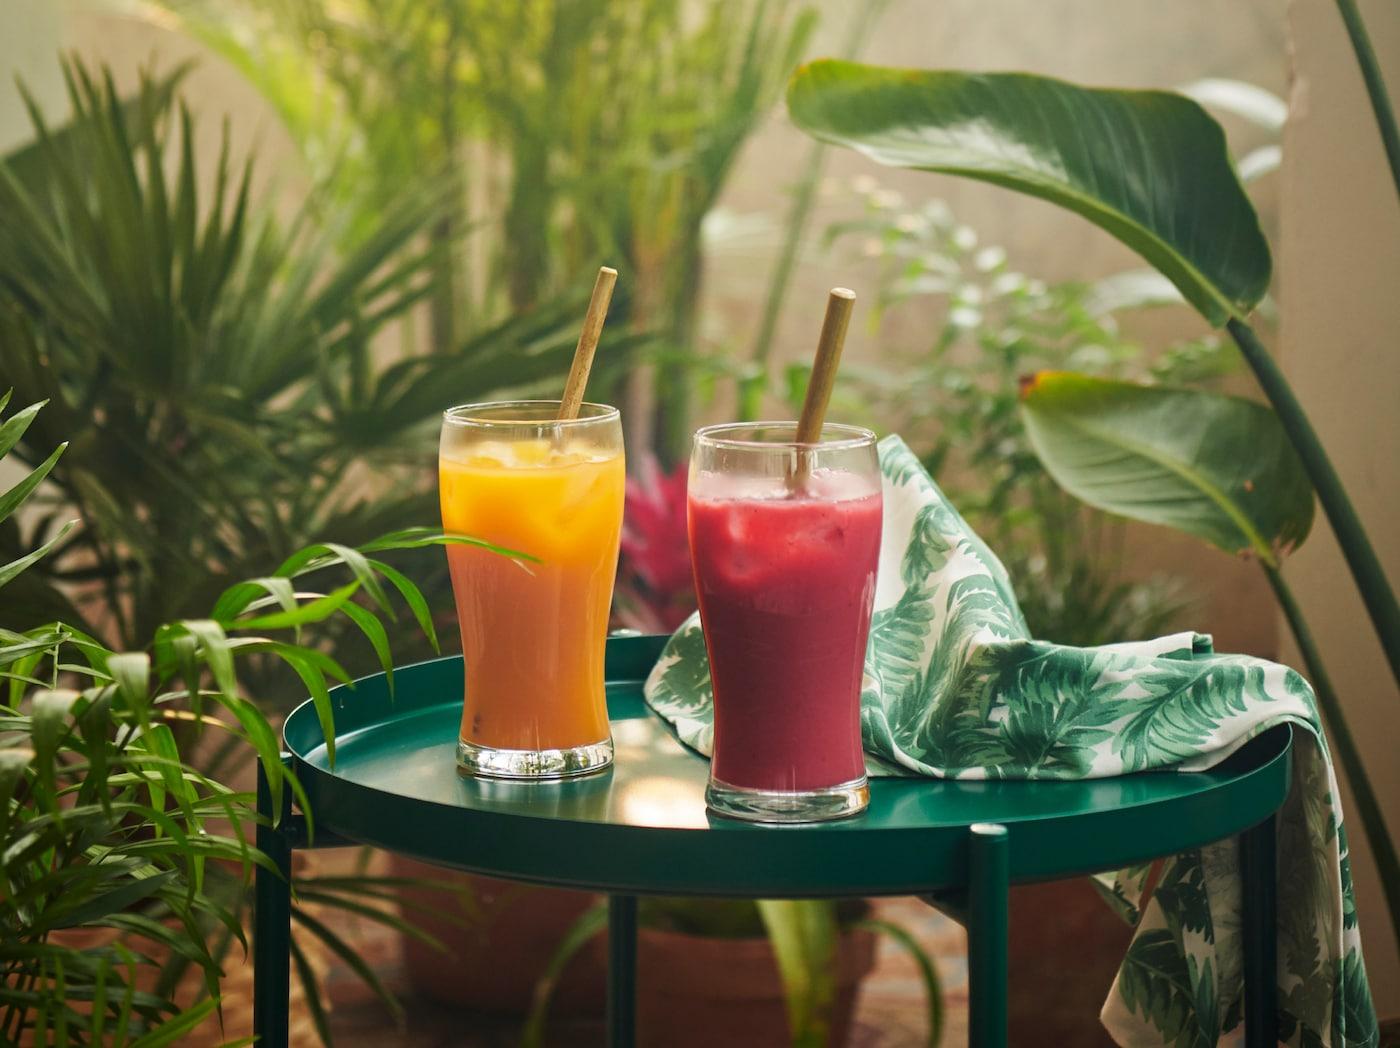 كوبان بهما سموزي FRUKTSTUND الممزوج مسبقًا بلون أصفر استوائي وأحمر فراولة على طاولة بين نباتات.